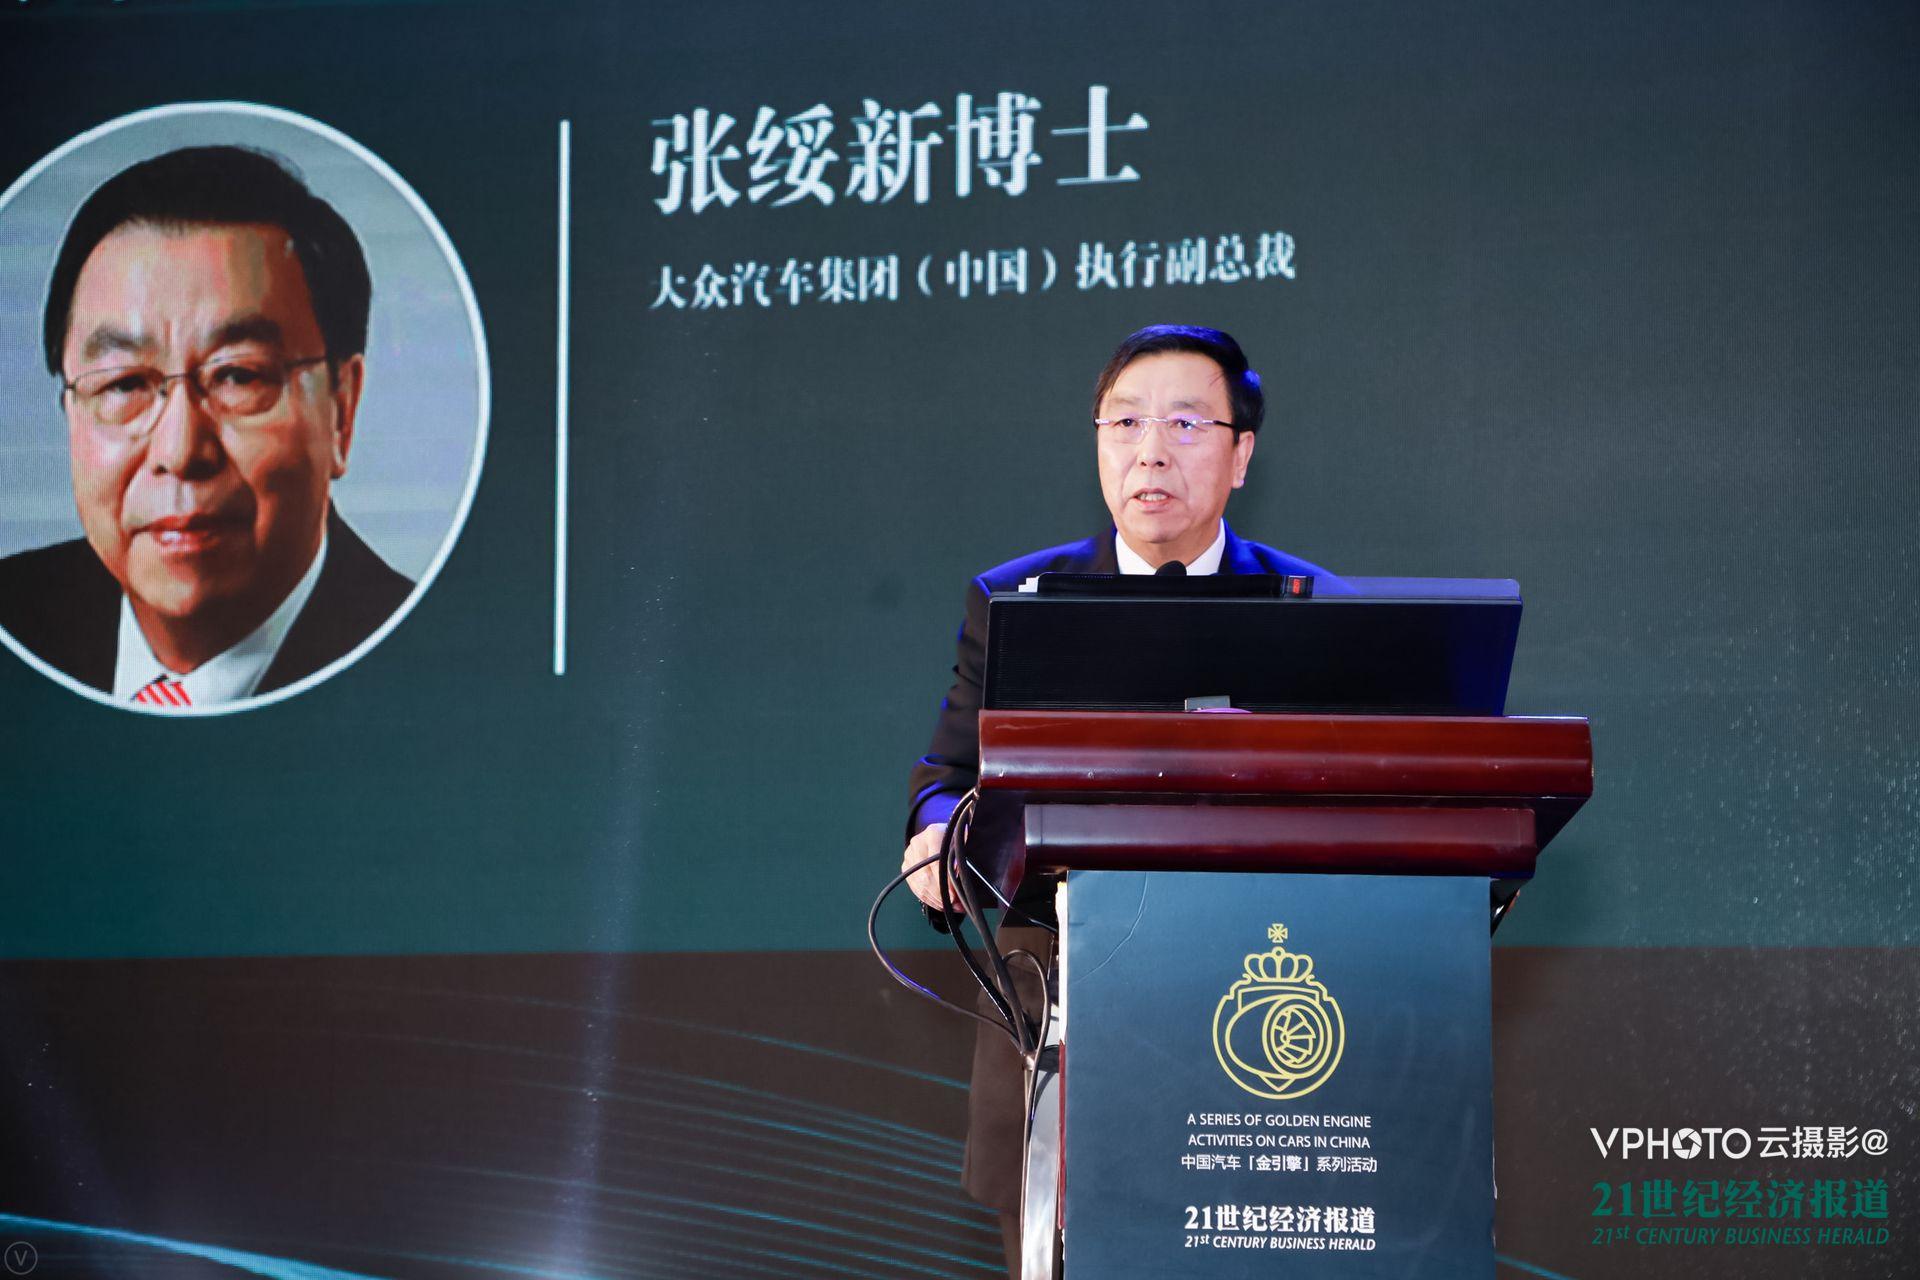 大众汽车集团(中国)执行副总裁 张绥新